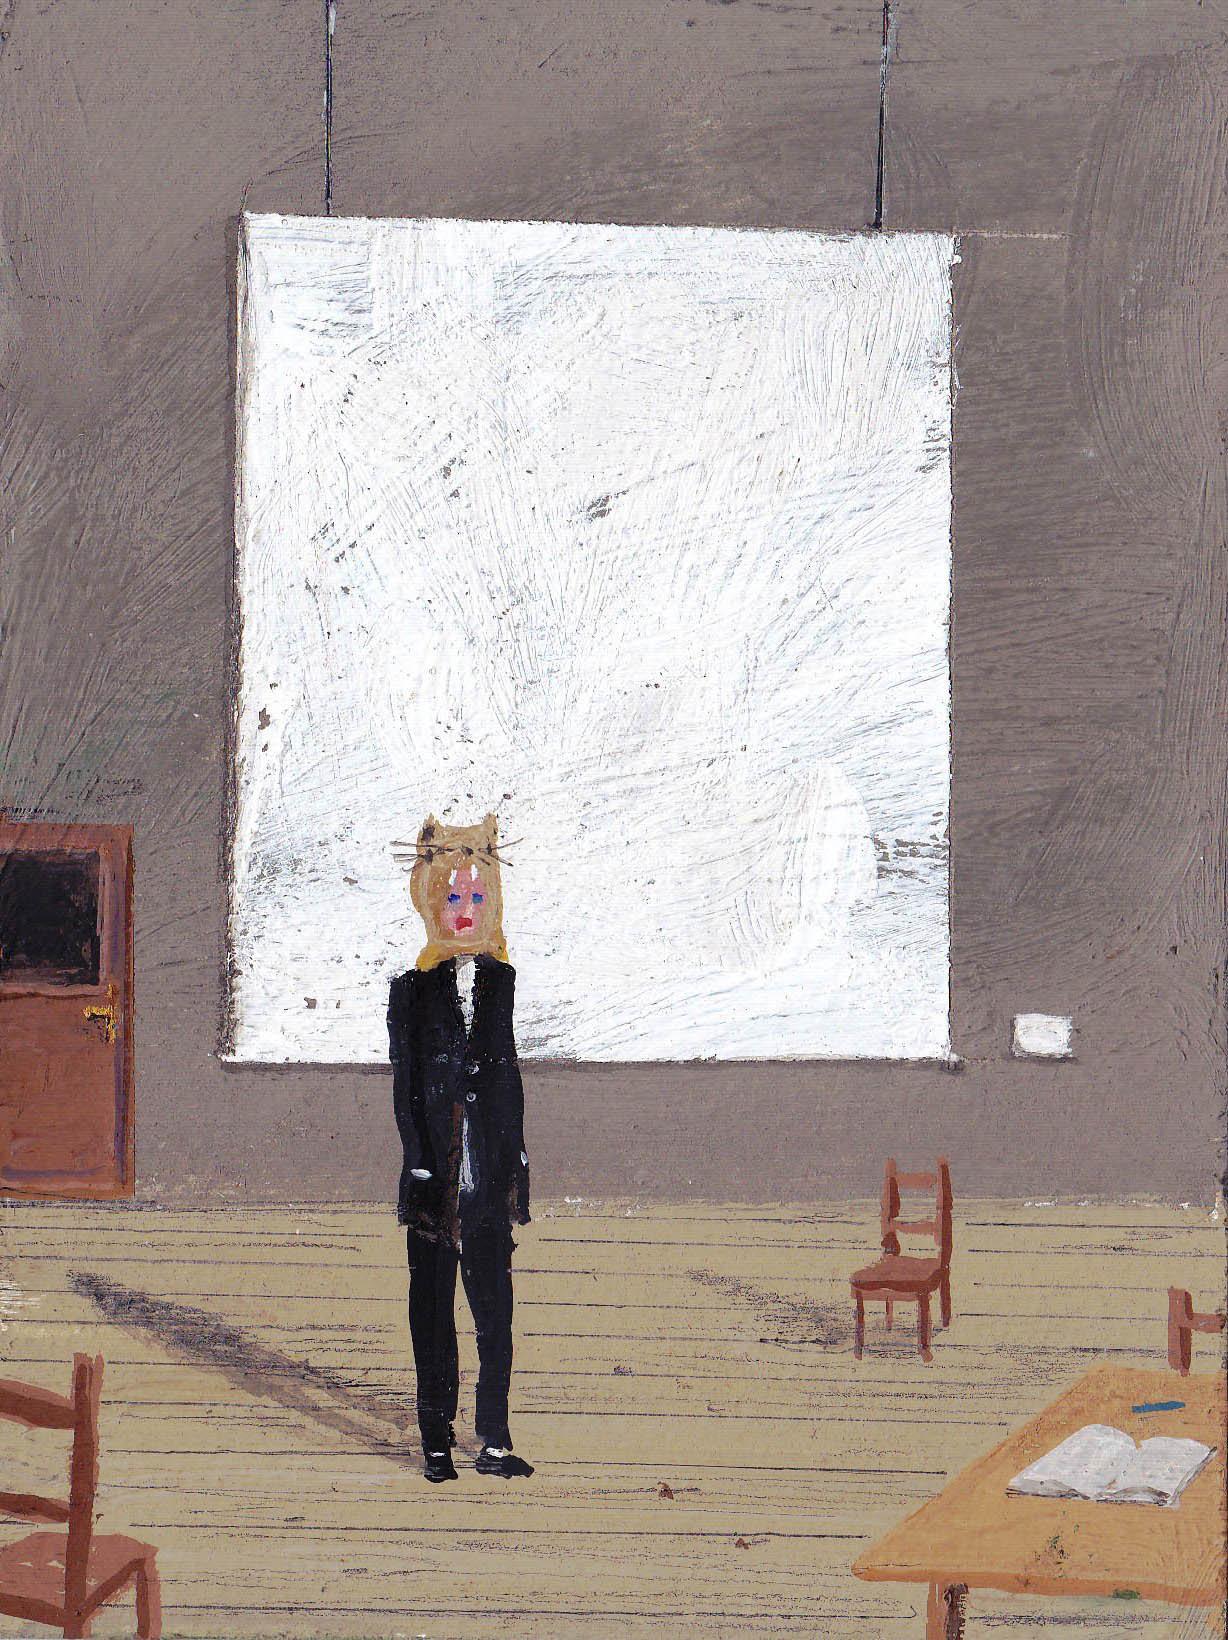 Paul Nassenstein, The artist in his studio, 2016